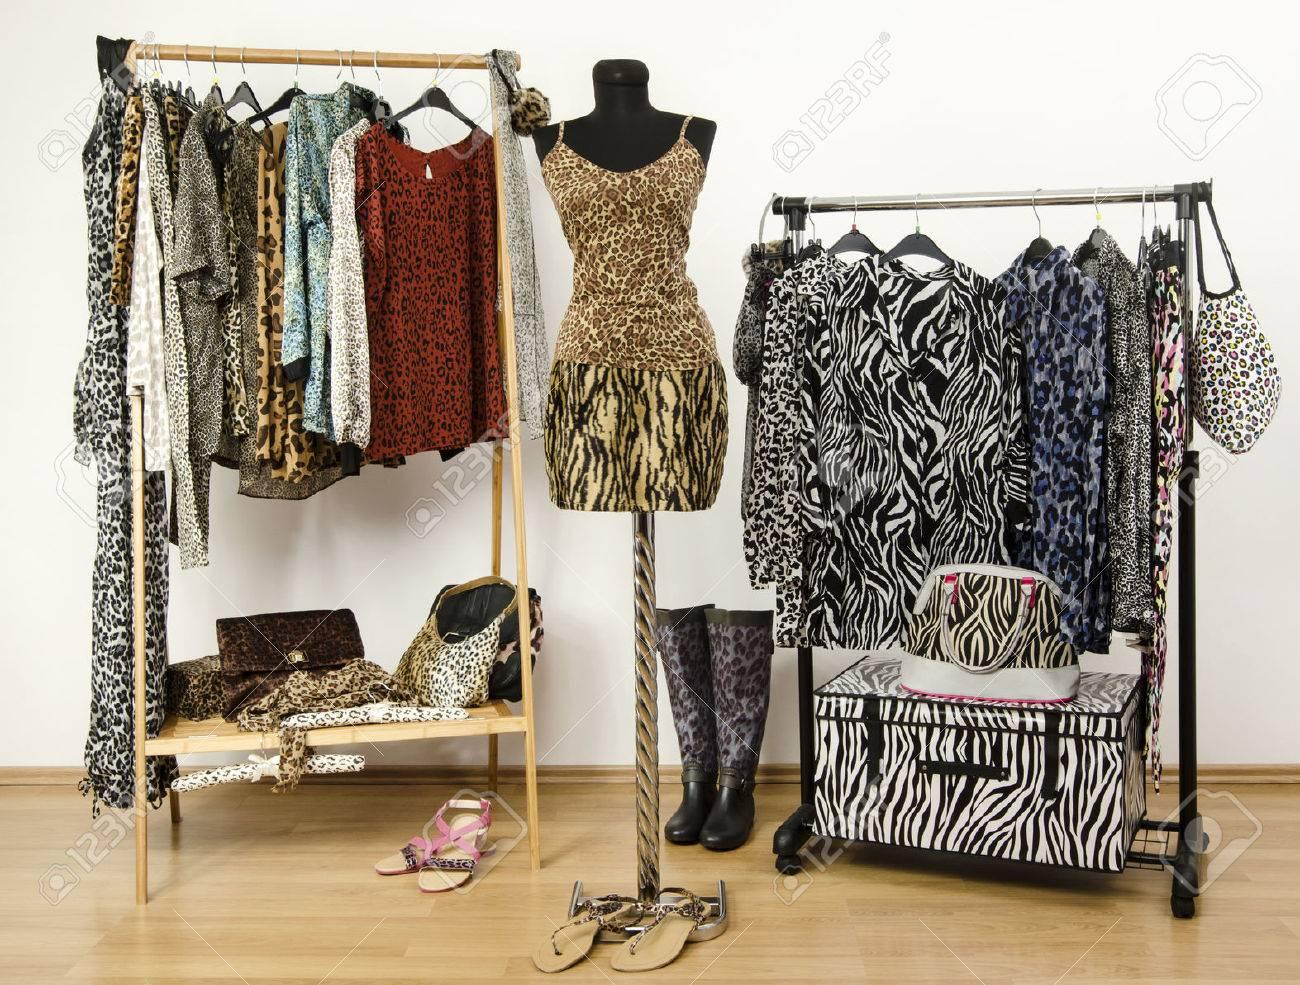 Modèle De Placard Dressing dressing placard avec des vêtements imprimés animaux disposés sur des  cintres. top imprimé guépard et jupe imprimée tigre sur un mannequin.  armoire